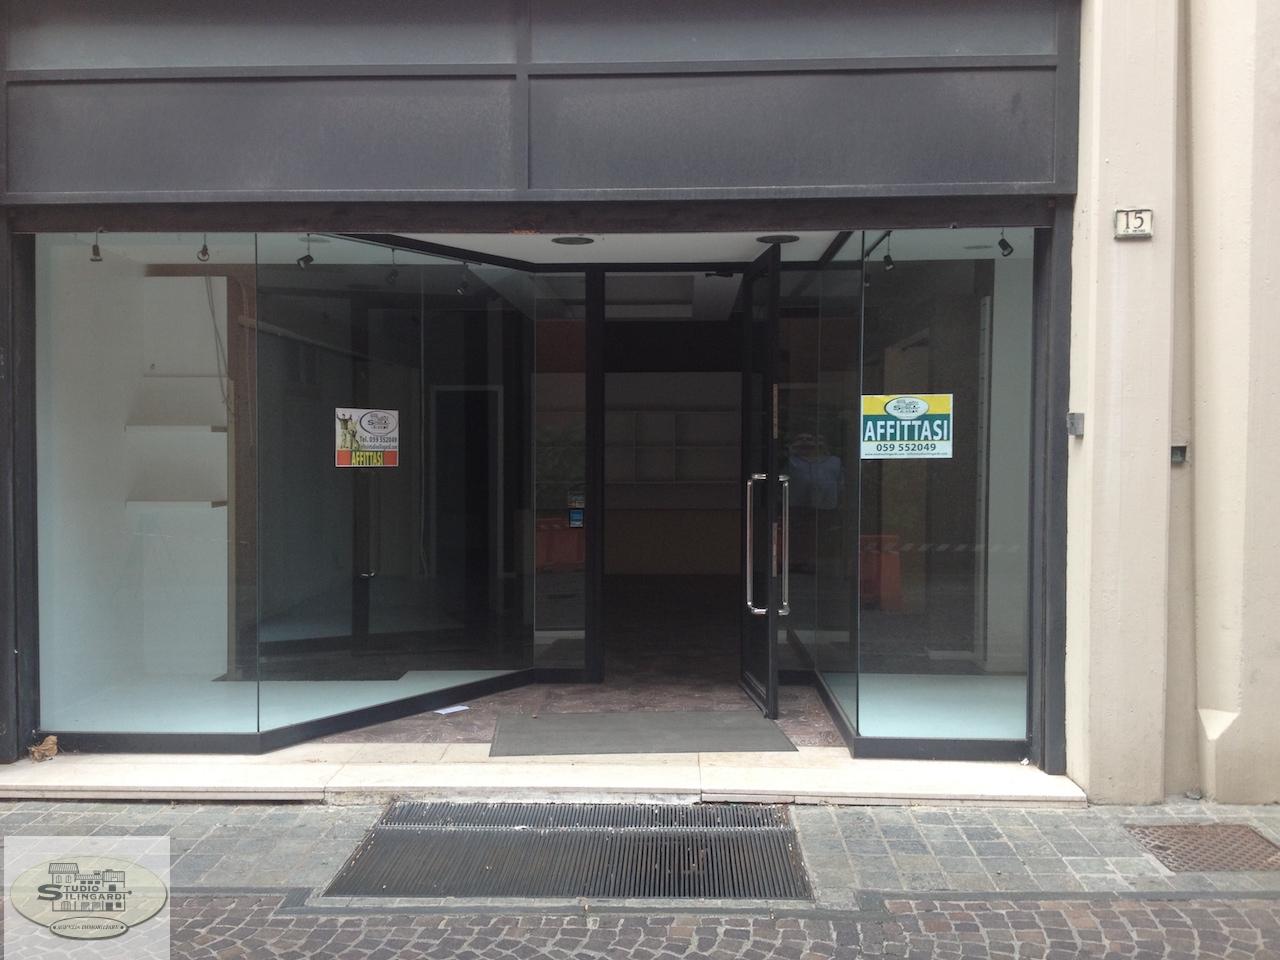 Negozio / Locale in vendita a Sassuolo, 9999 locali, zona Zona: Centro, Trattative riservate | CambioCasa.it